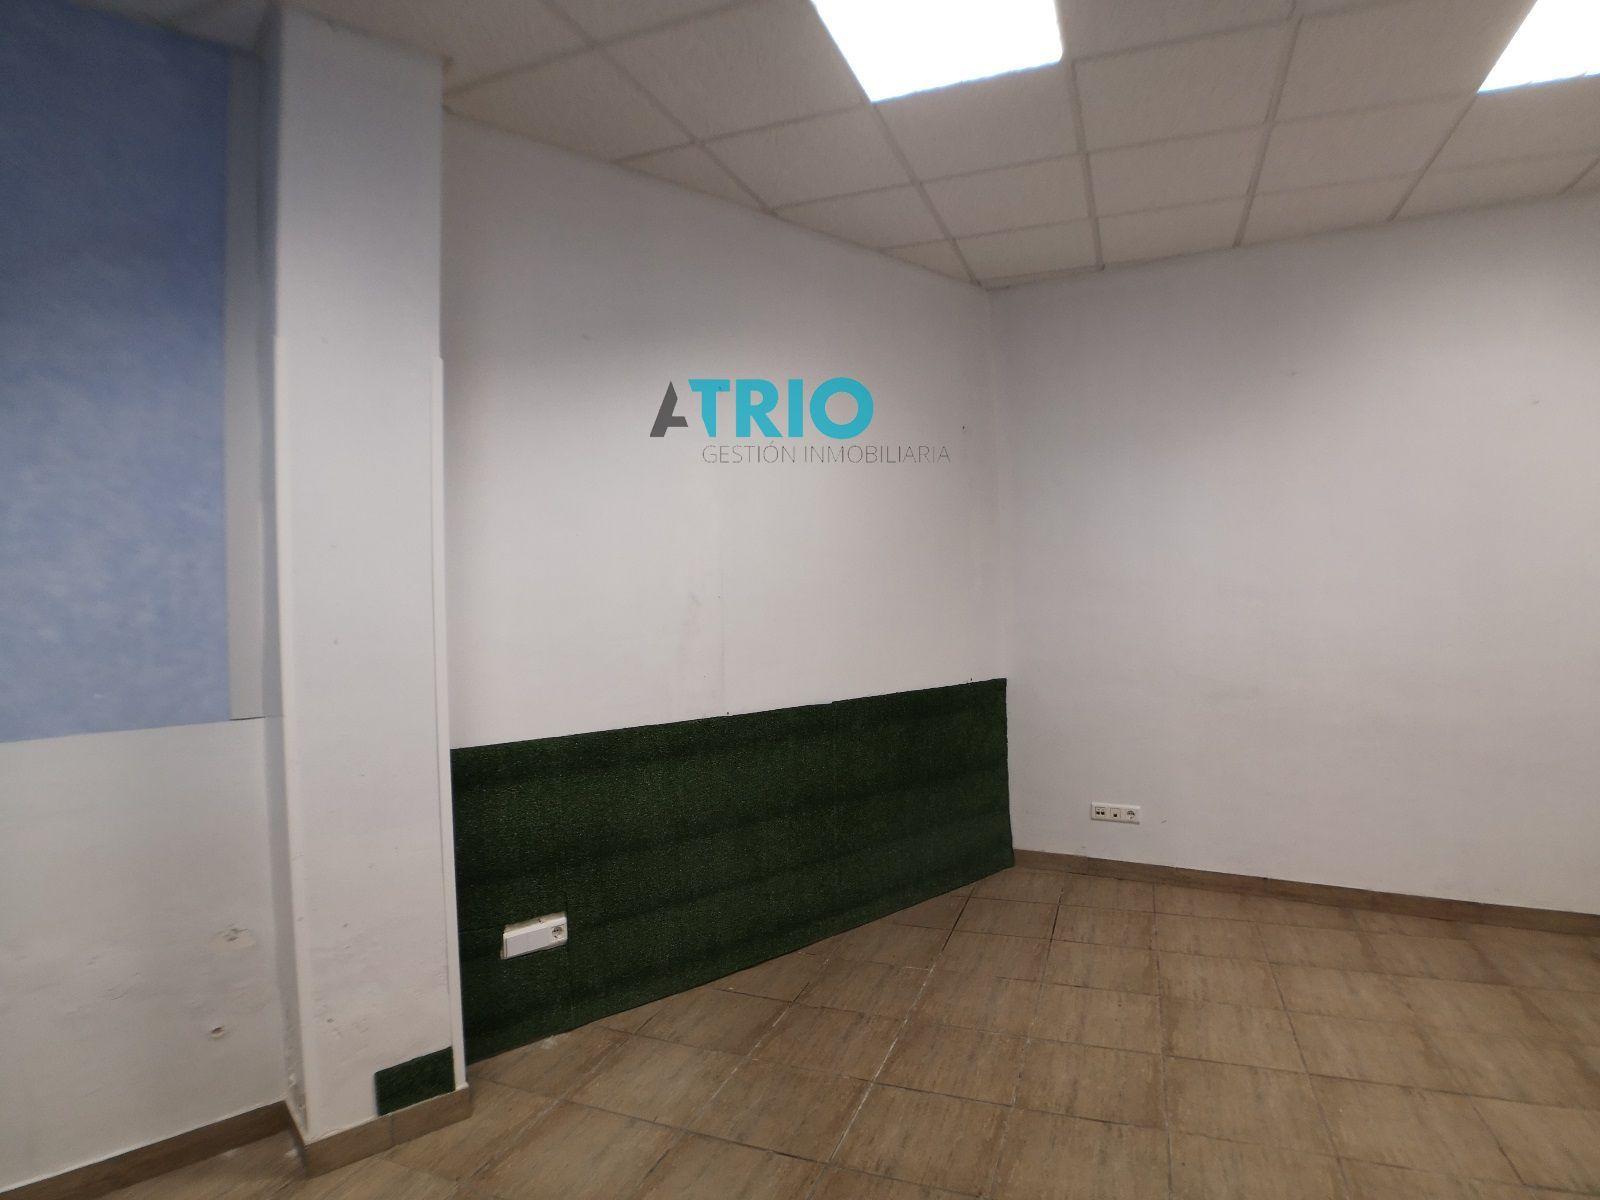 dia.mobiliagestion.es/Portals/inmoatrio/Images/6867/4945587